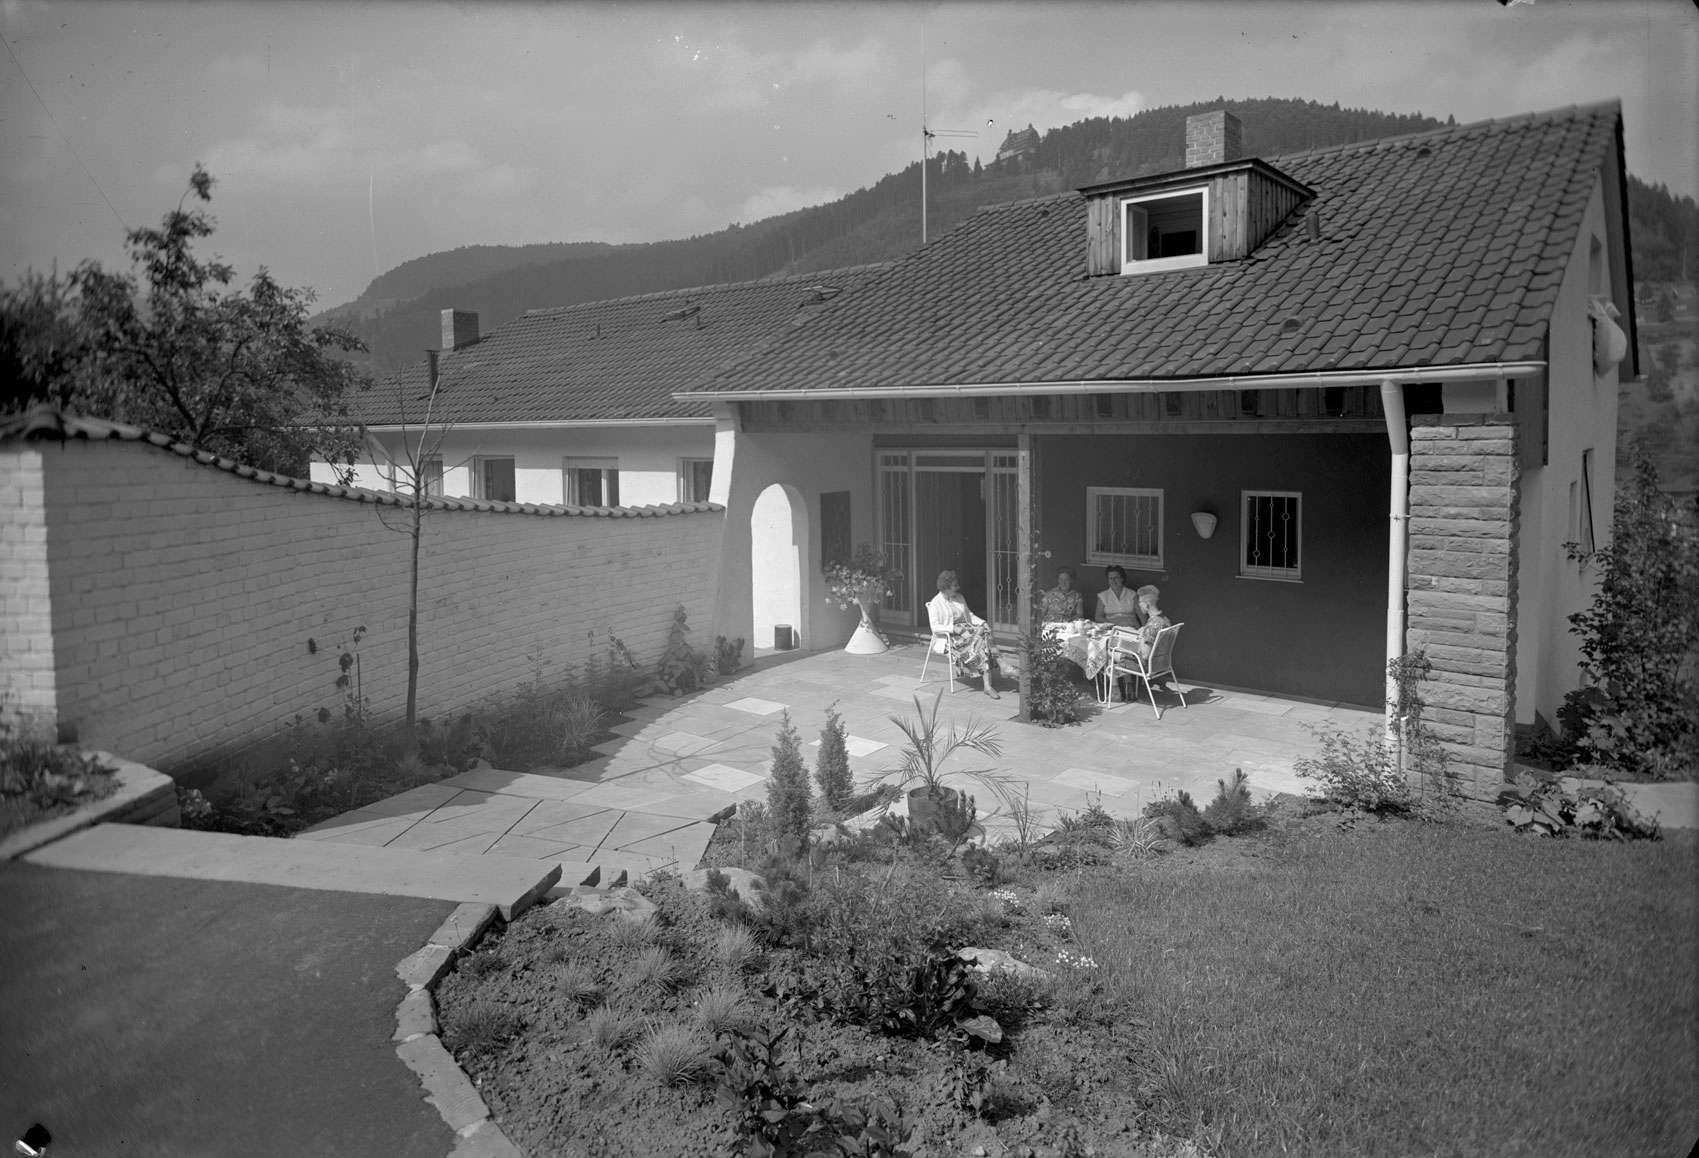 Wildbad 1958 u.a. (1), Nr 001